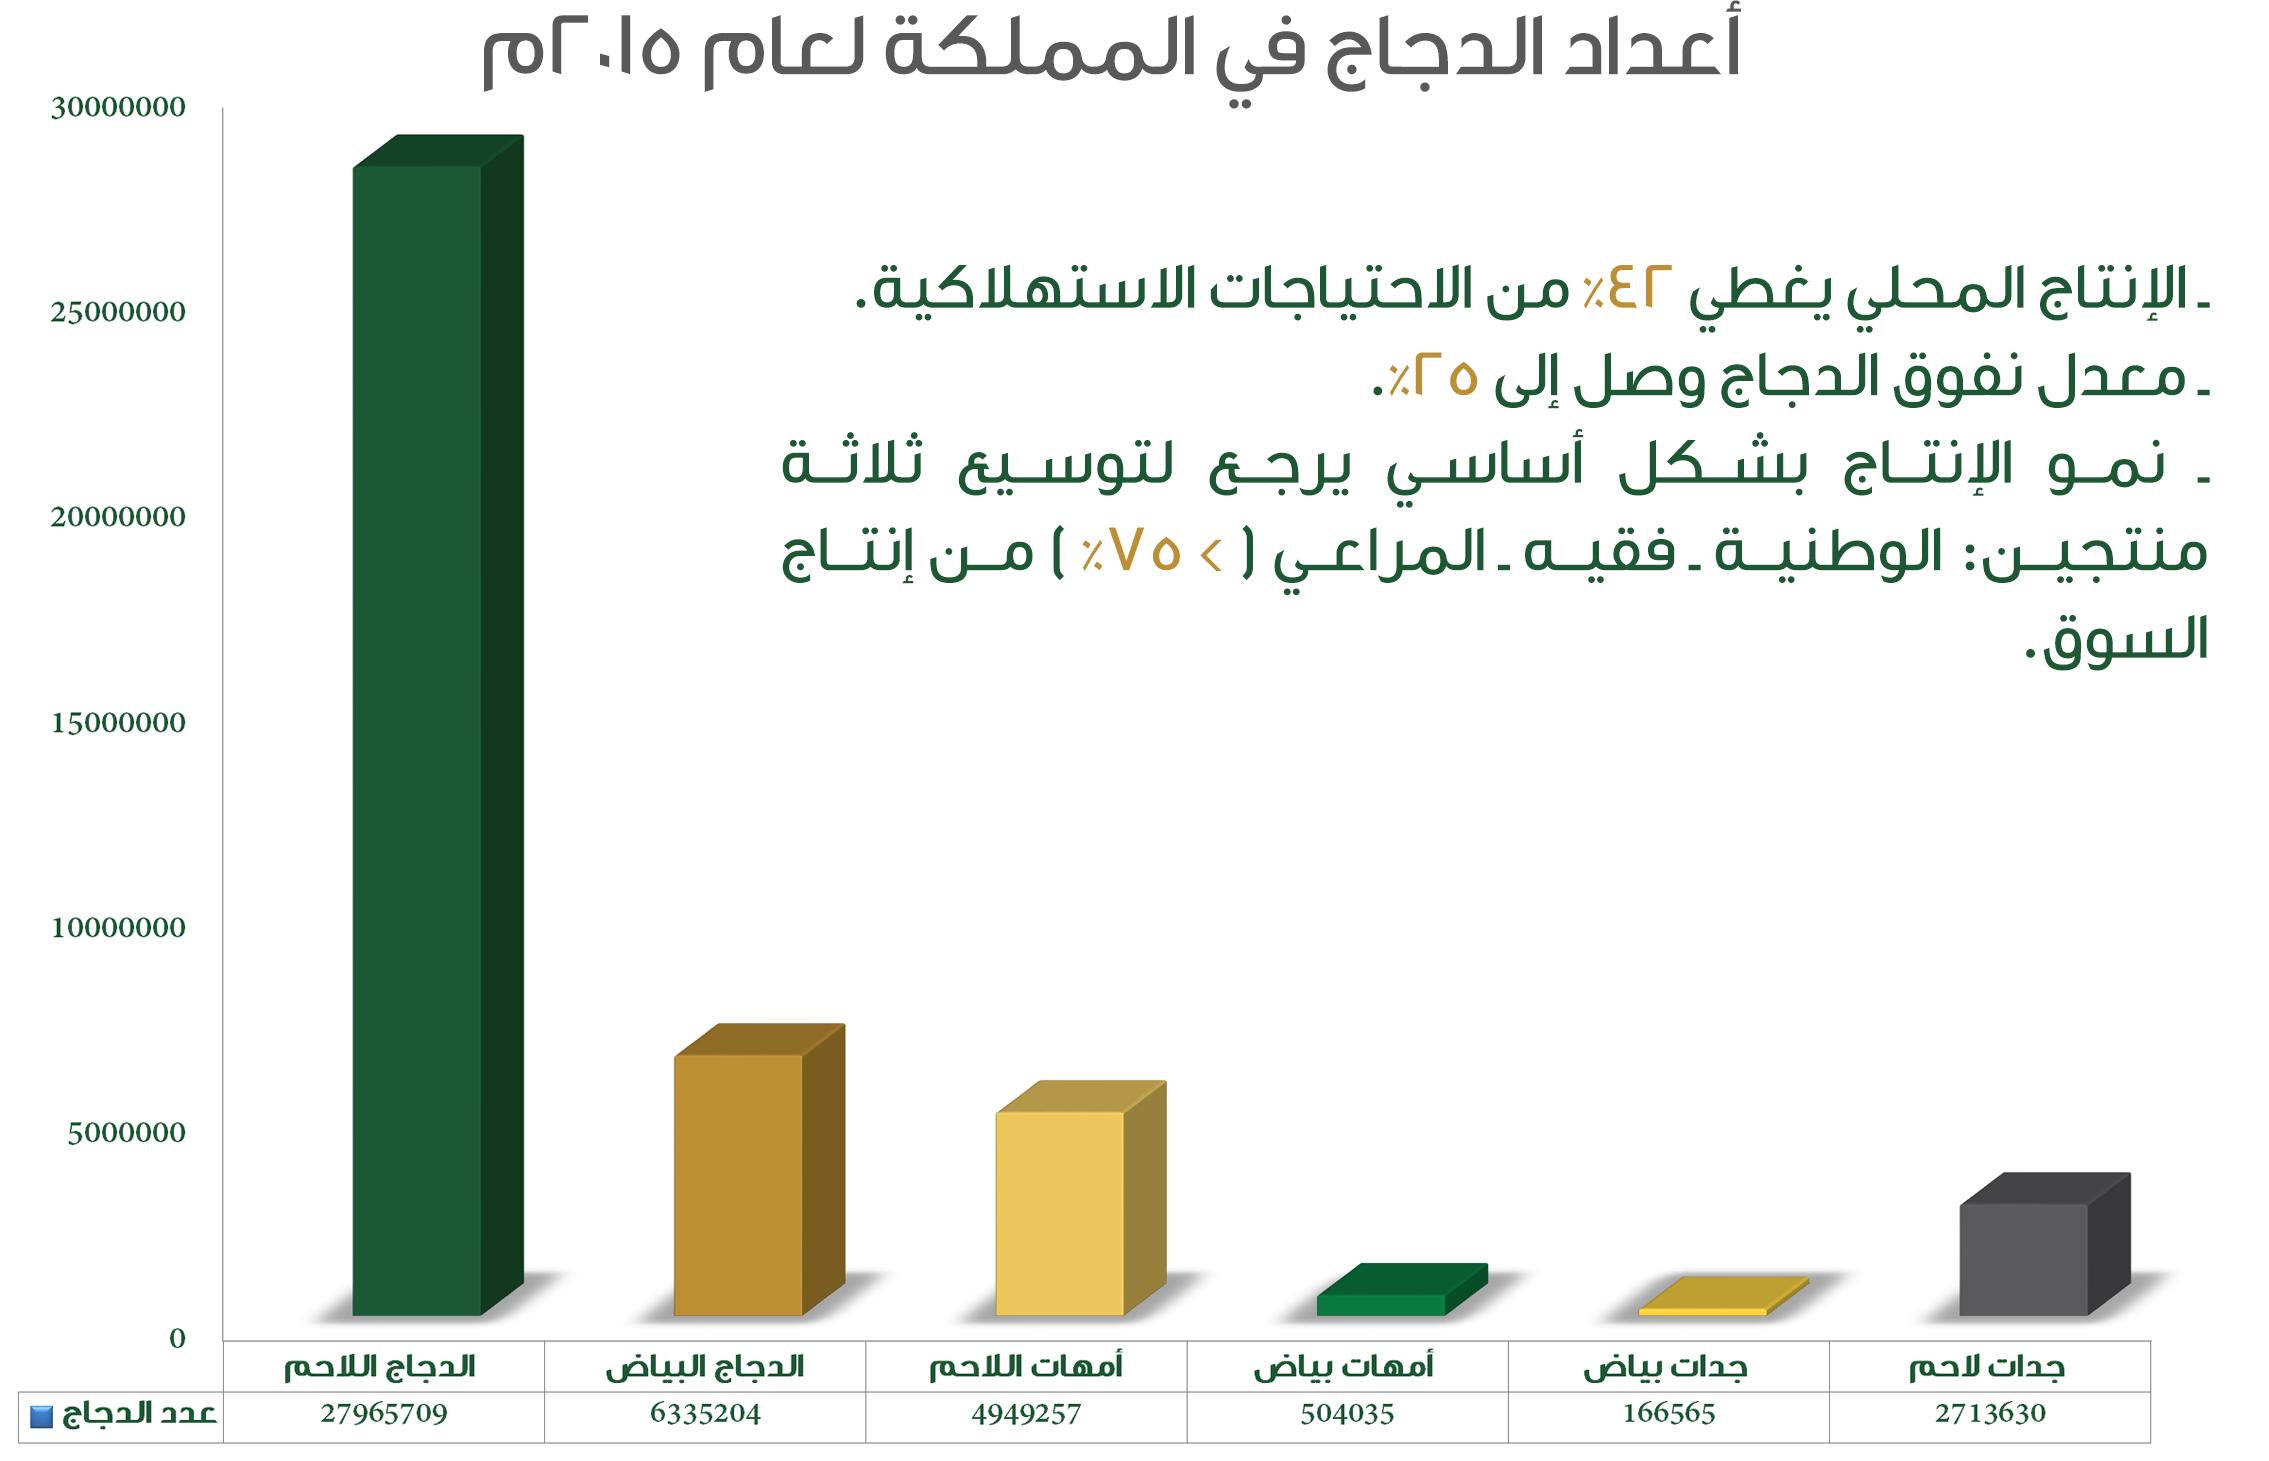 أعداد الدجاج في المملكة لعام 2015